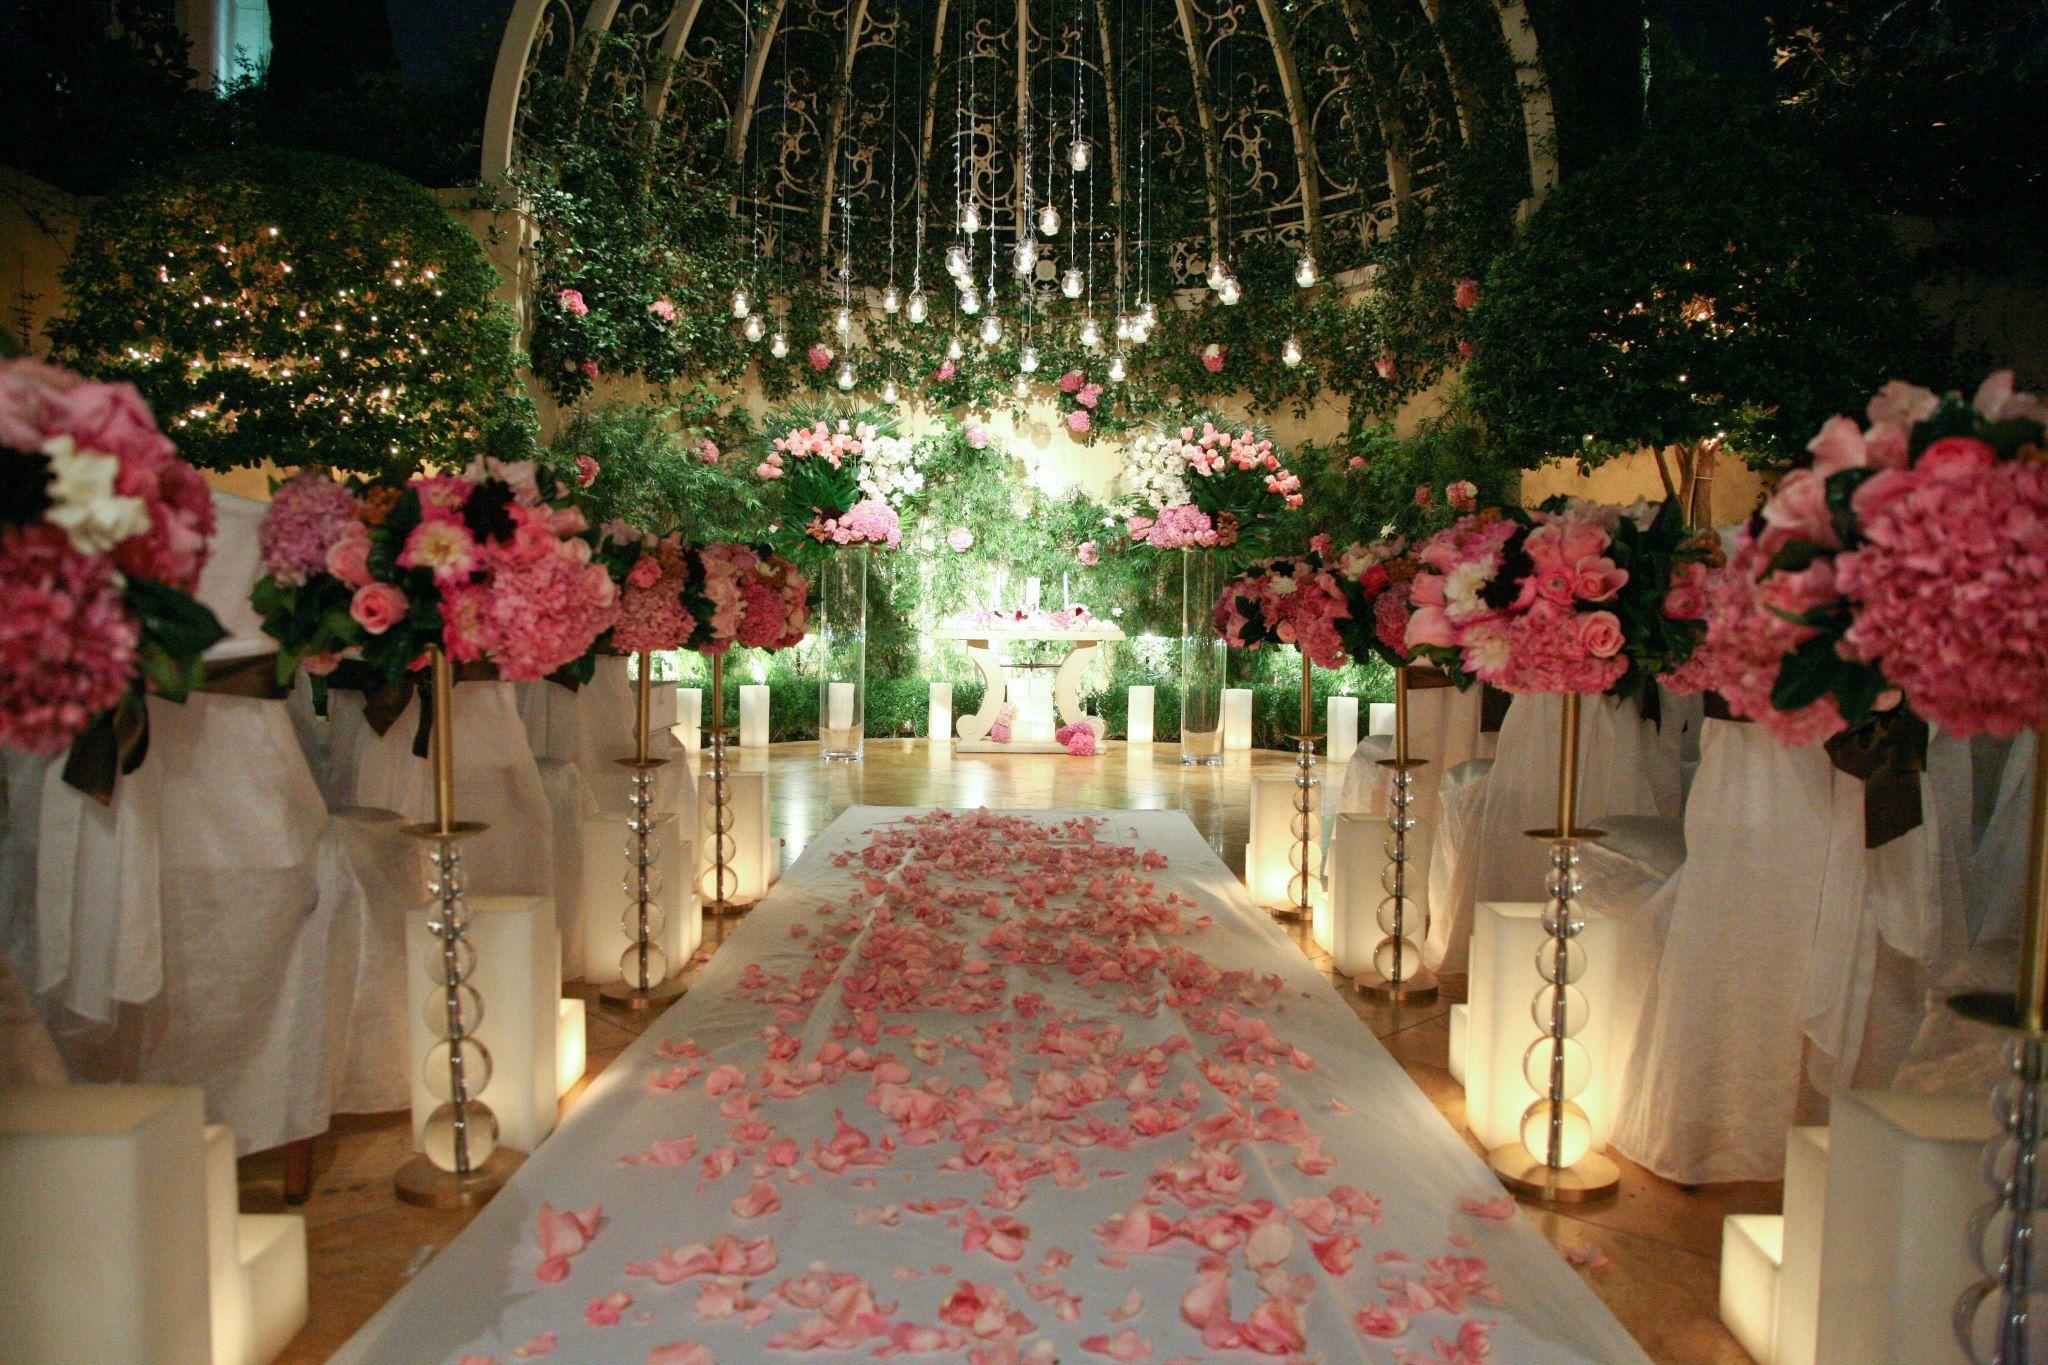 wynn hotel Las Vegas.Nv | Wedding salon. Wynn hotel las vegas. Wedding